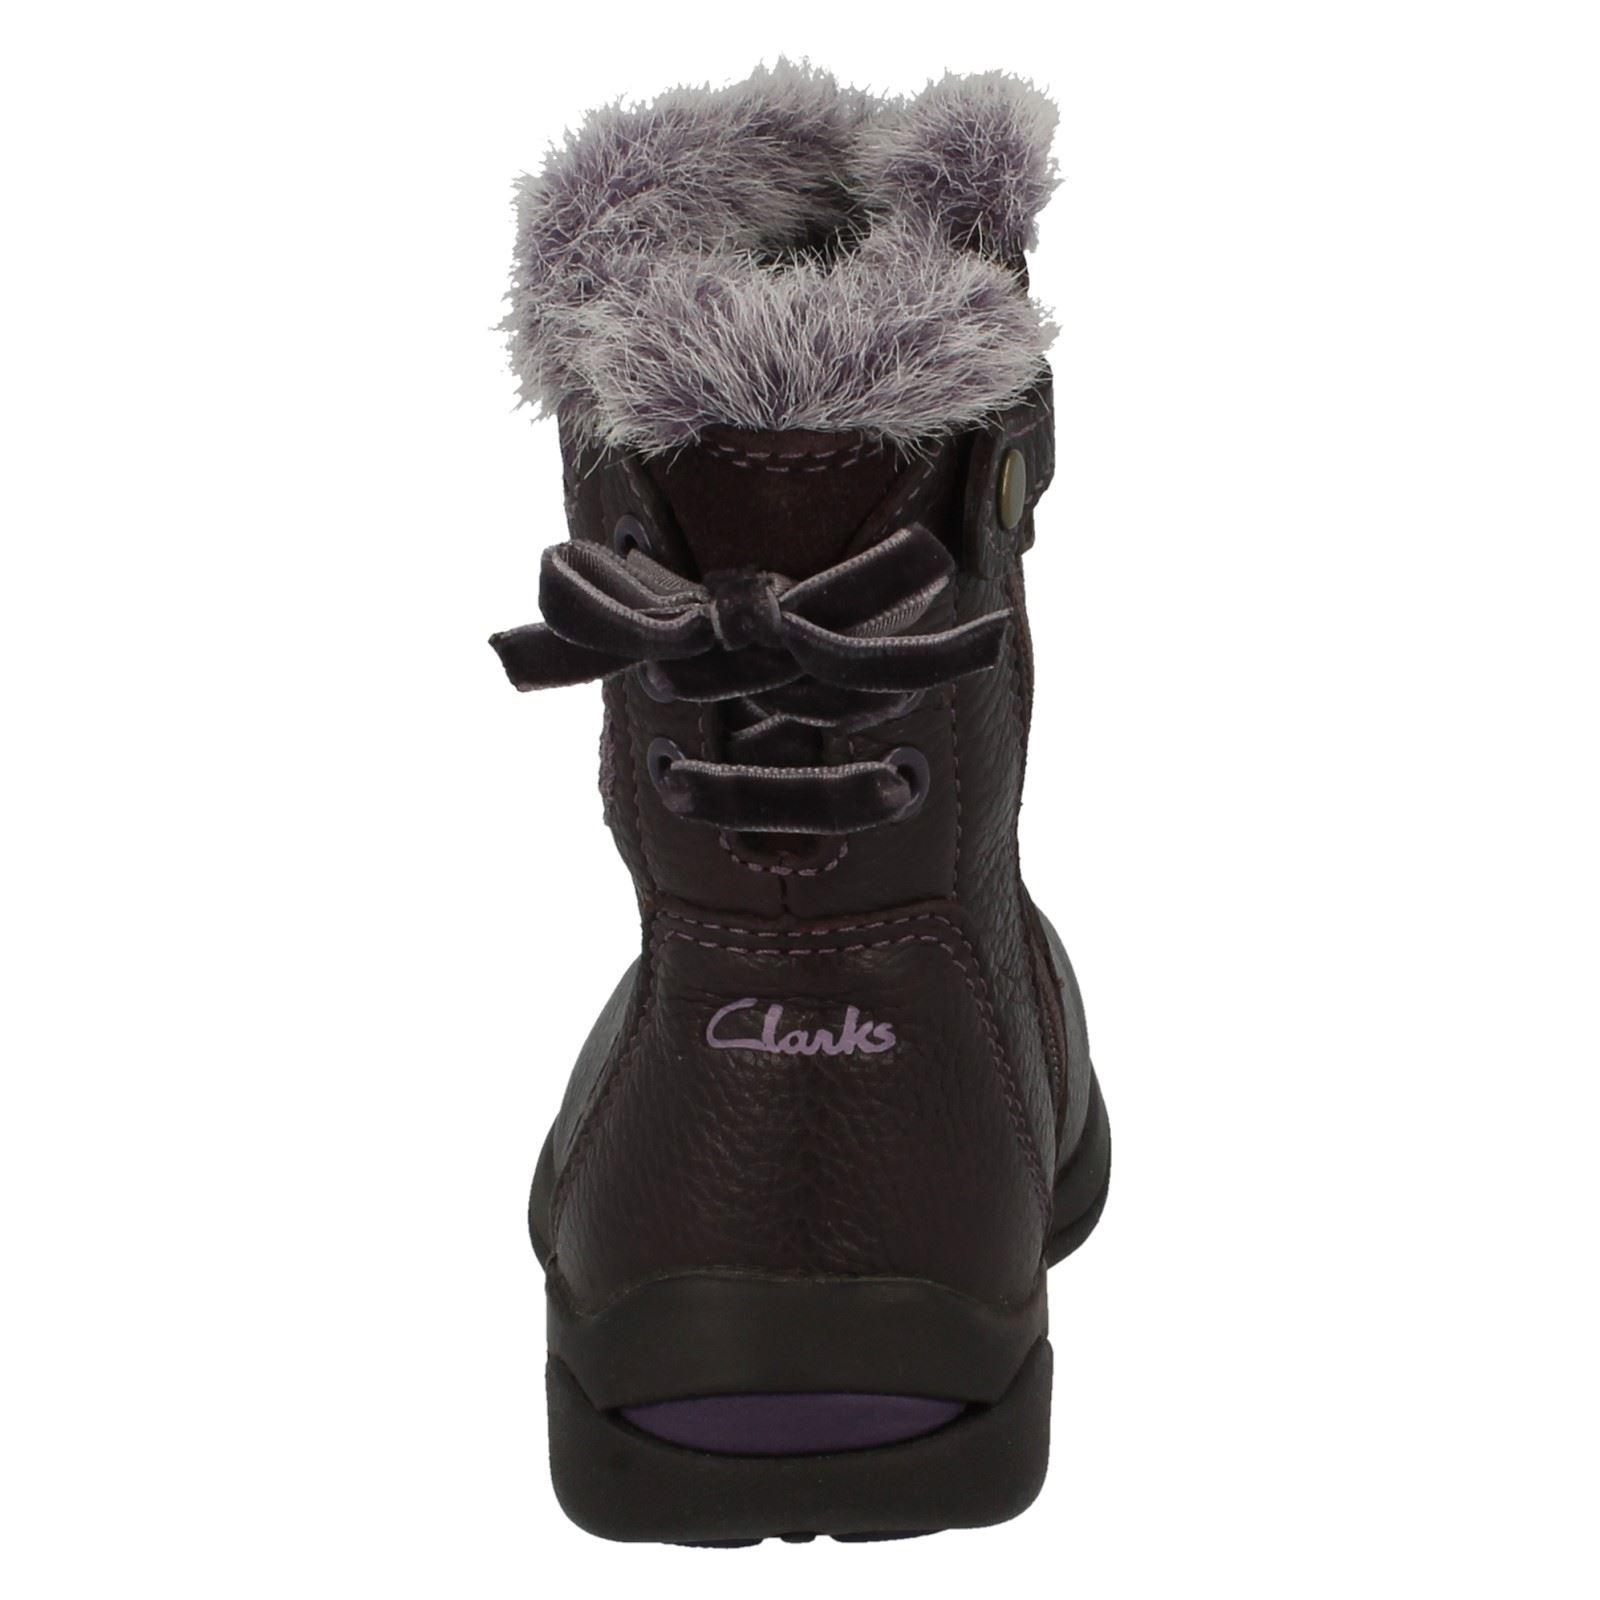 Gtx Ciruela Clarks casual Lace chicas Ice púrpura Botas para qRpn6wwO